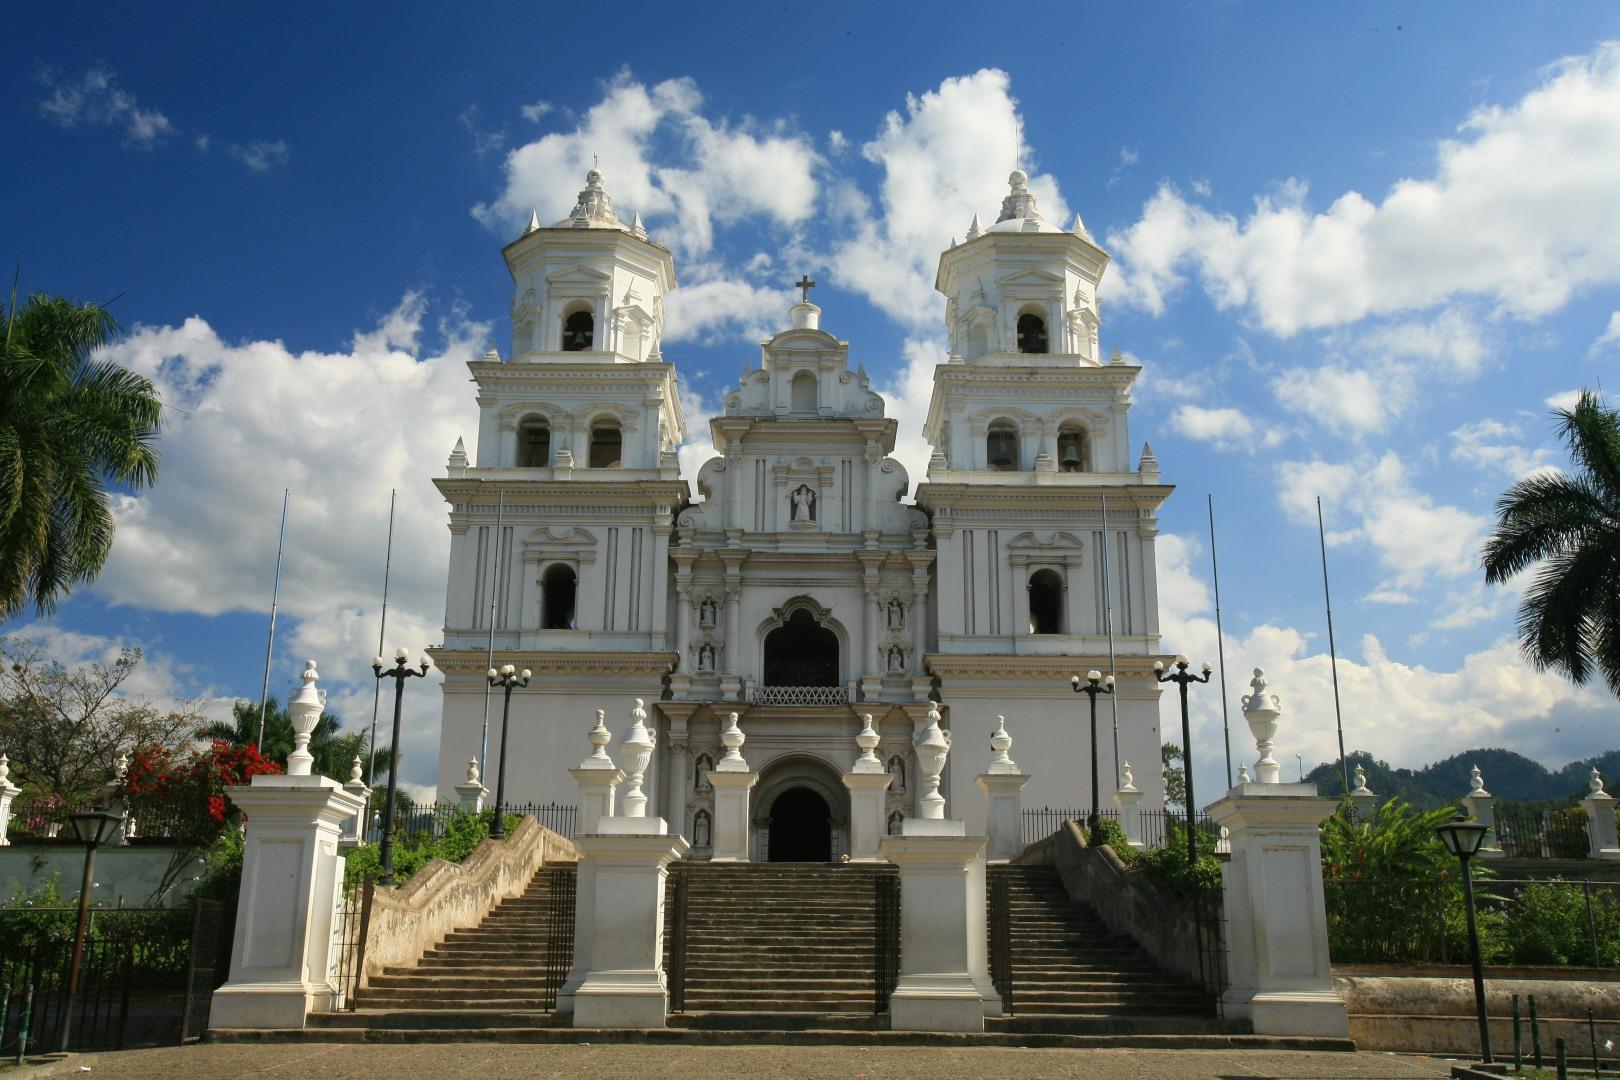 Basílica de Esquipulas, ubicada en Esquipulas, Chiquimula, a 222 Kilómetros al Oeste de la Ciudad de Guatemala. FOTOGRAFÍA: INGUAT